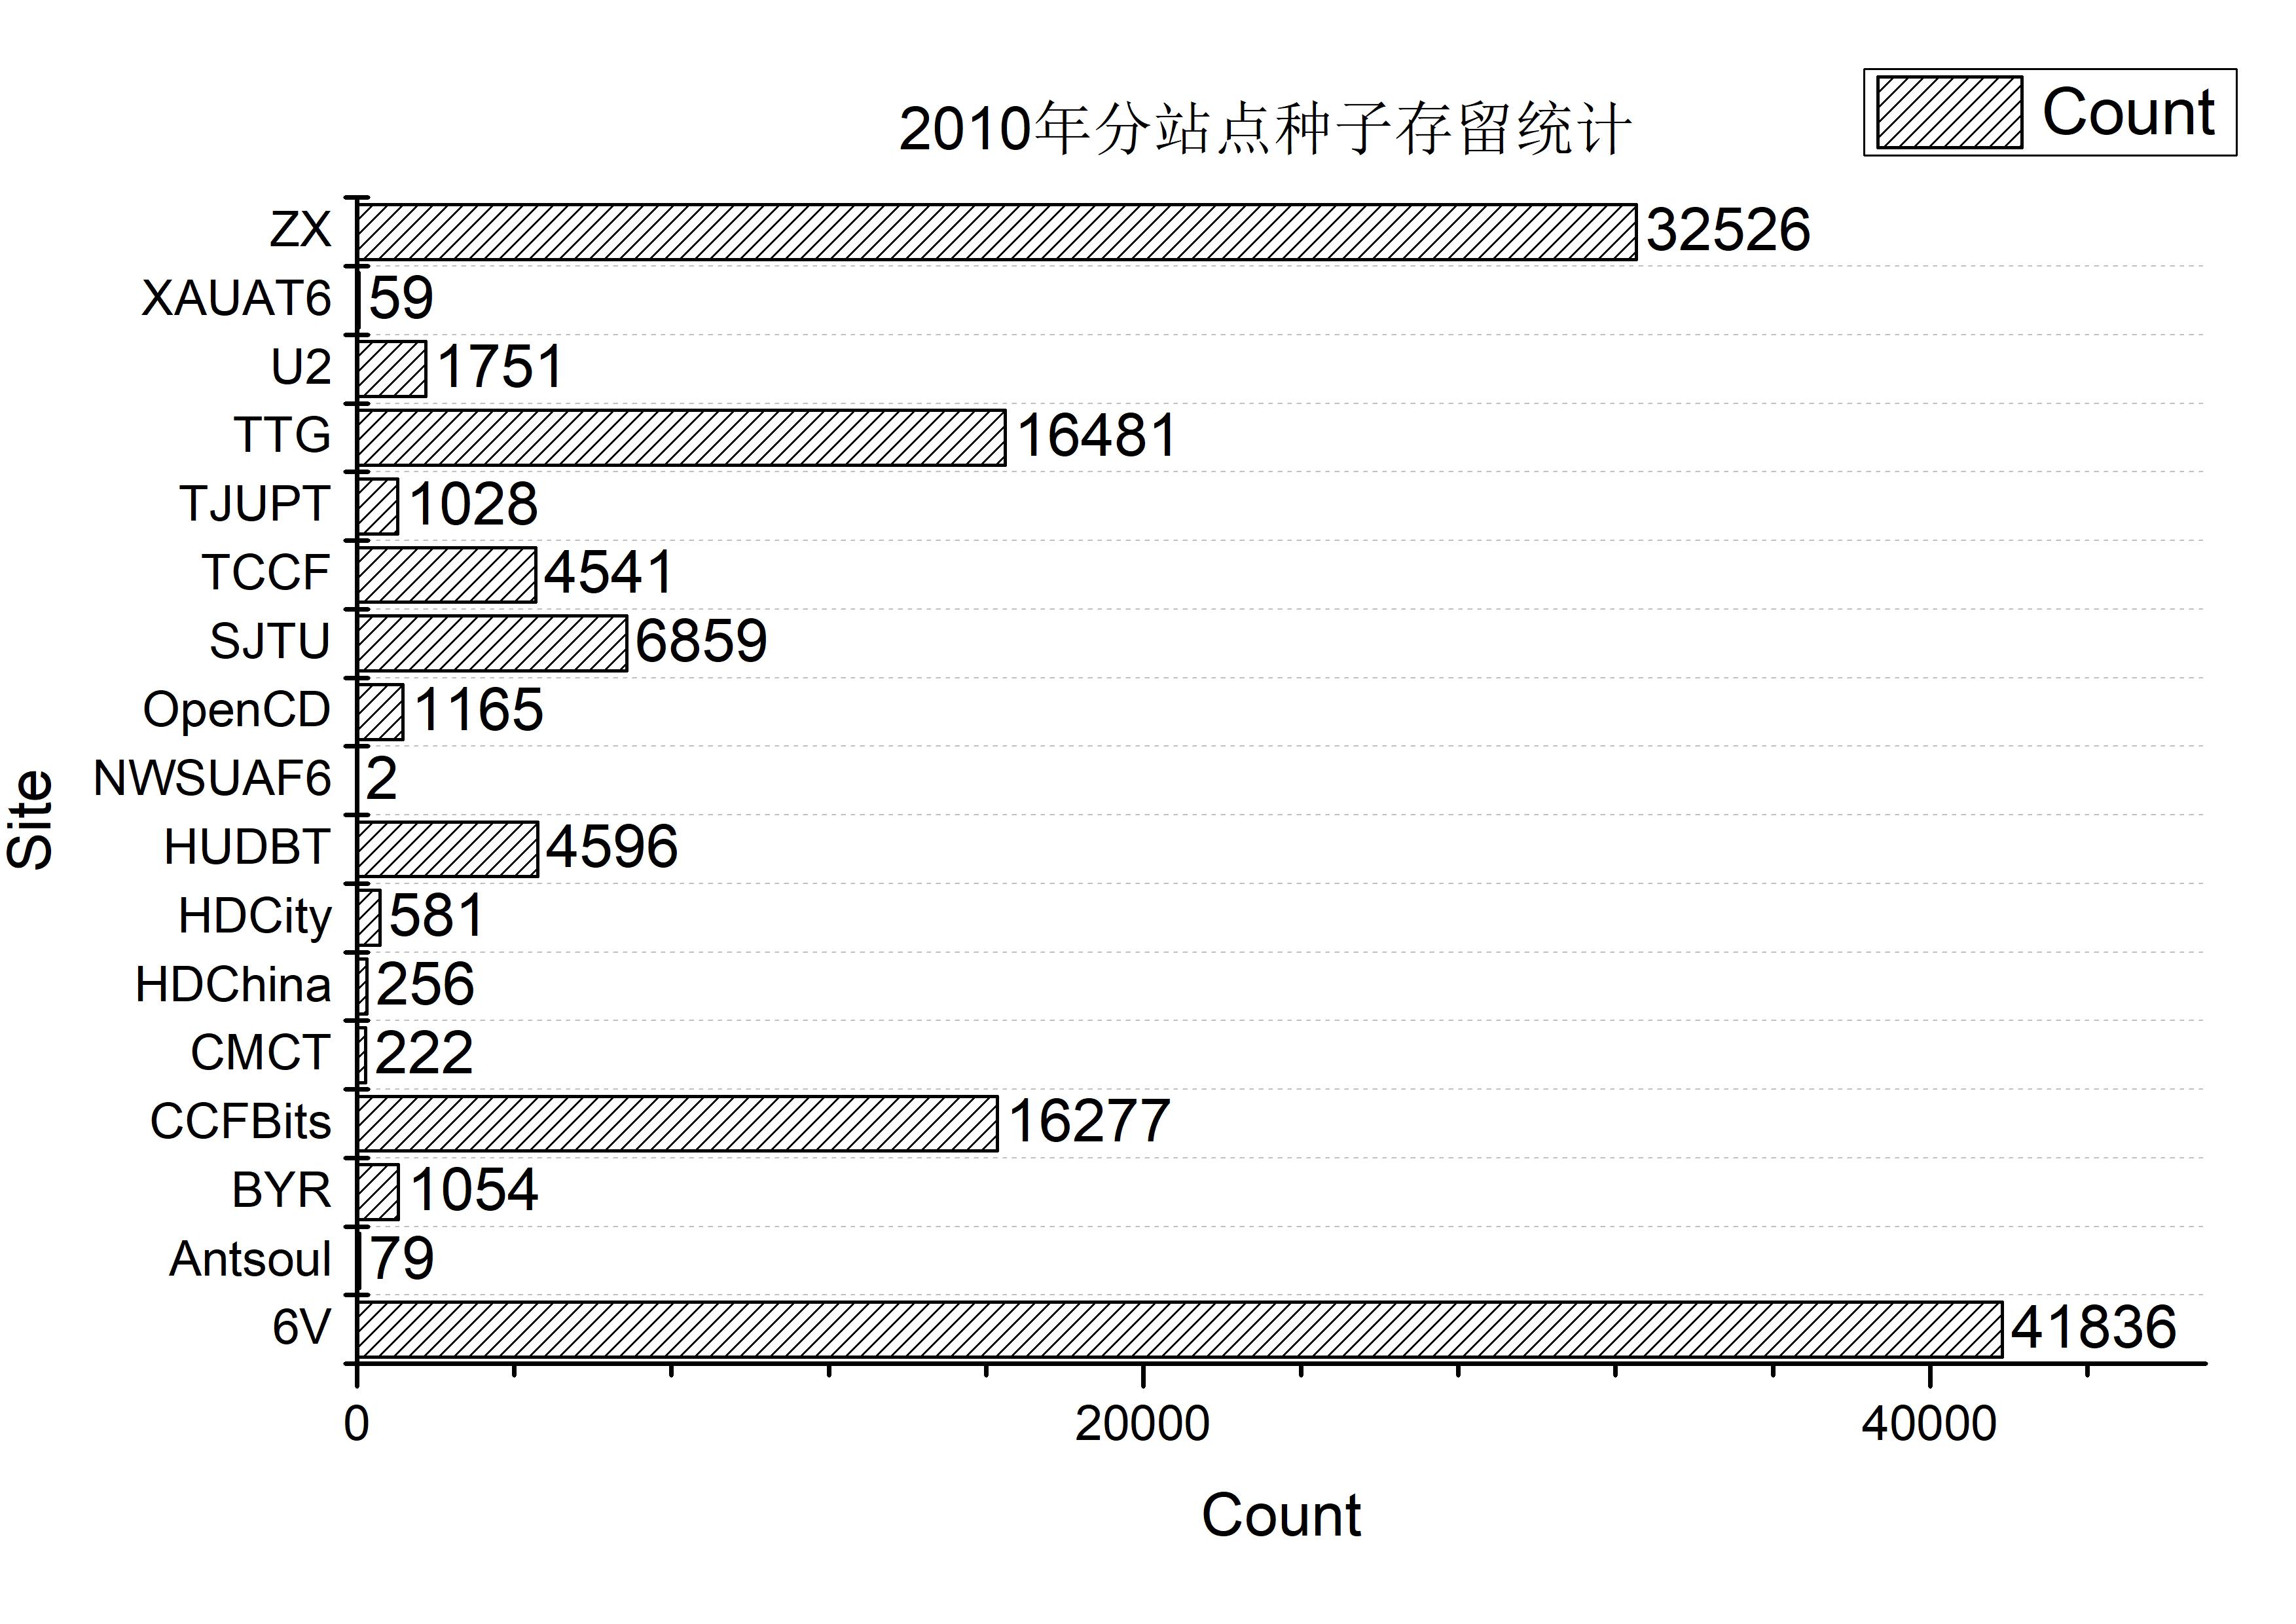 site_count_ann_2010.jpg